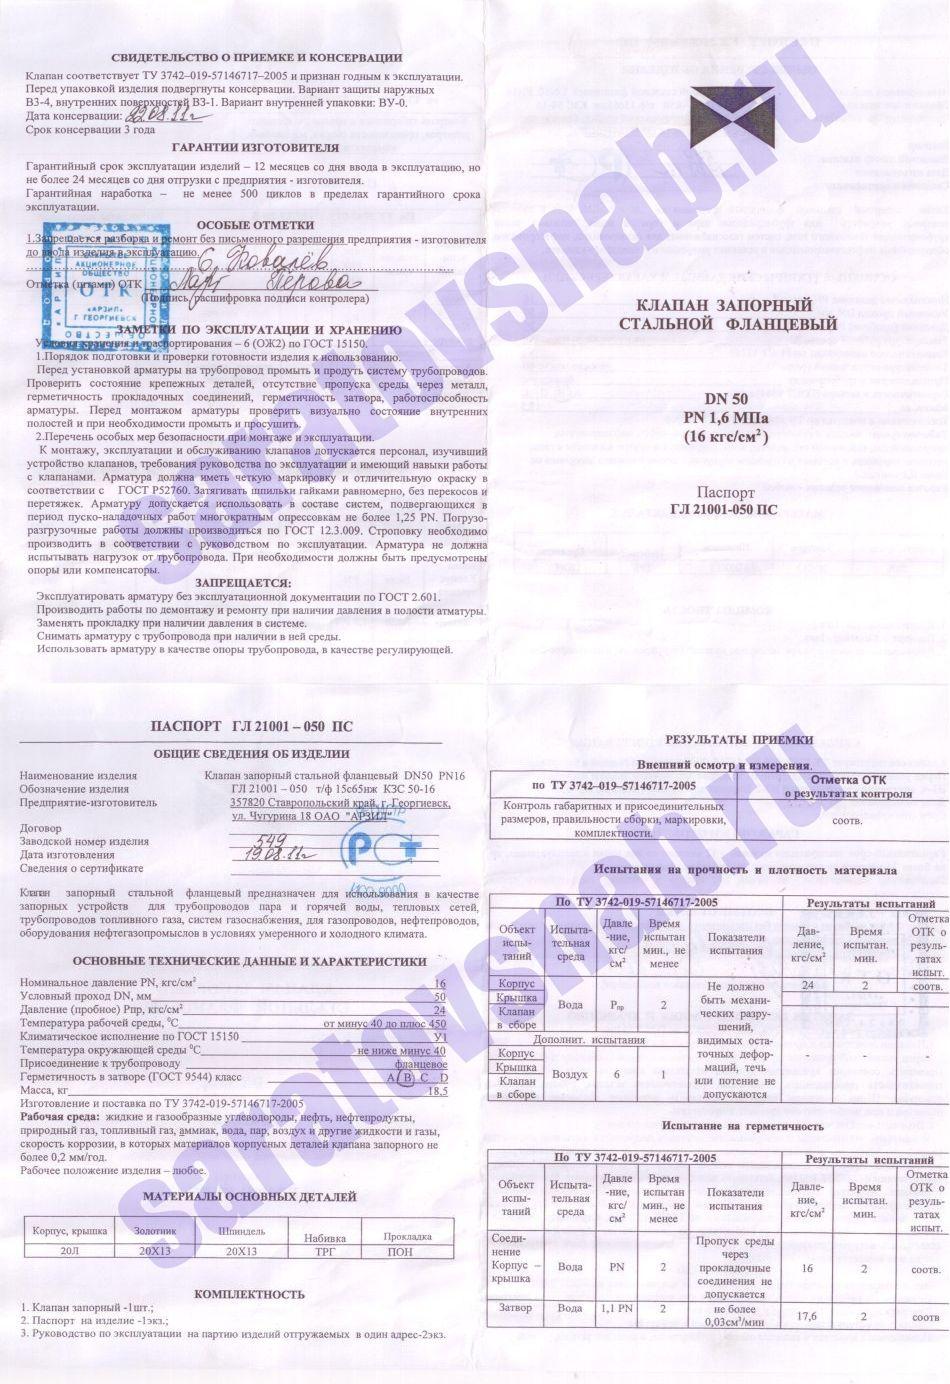 Pasport 15s65nzh